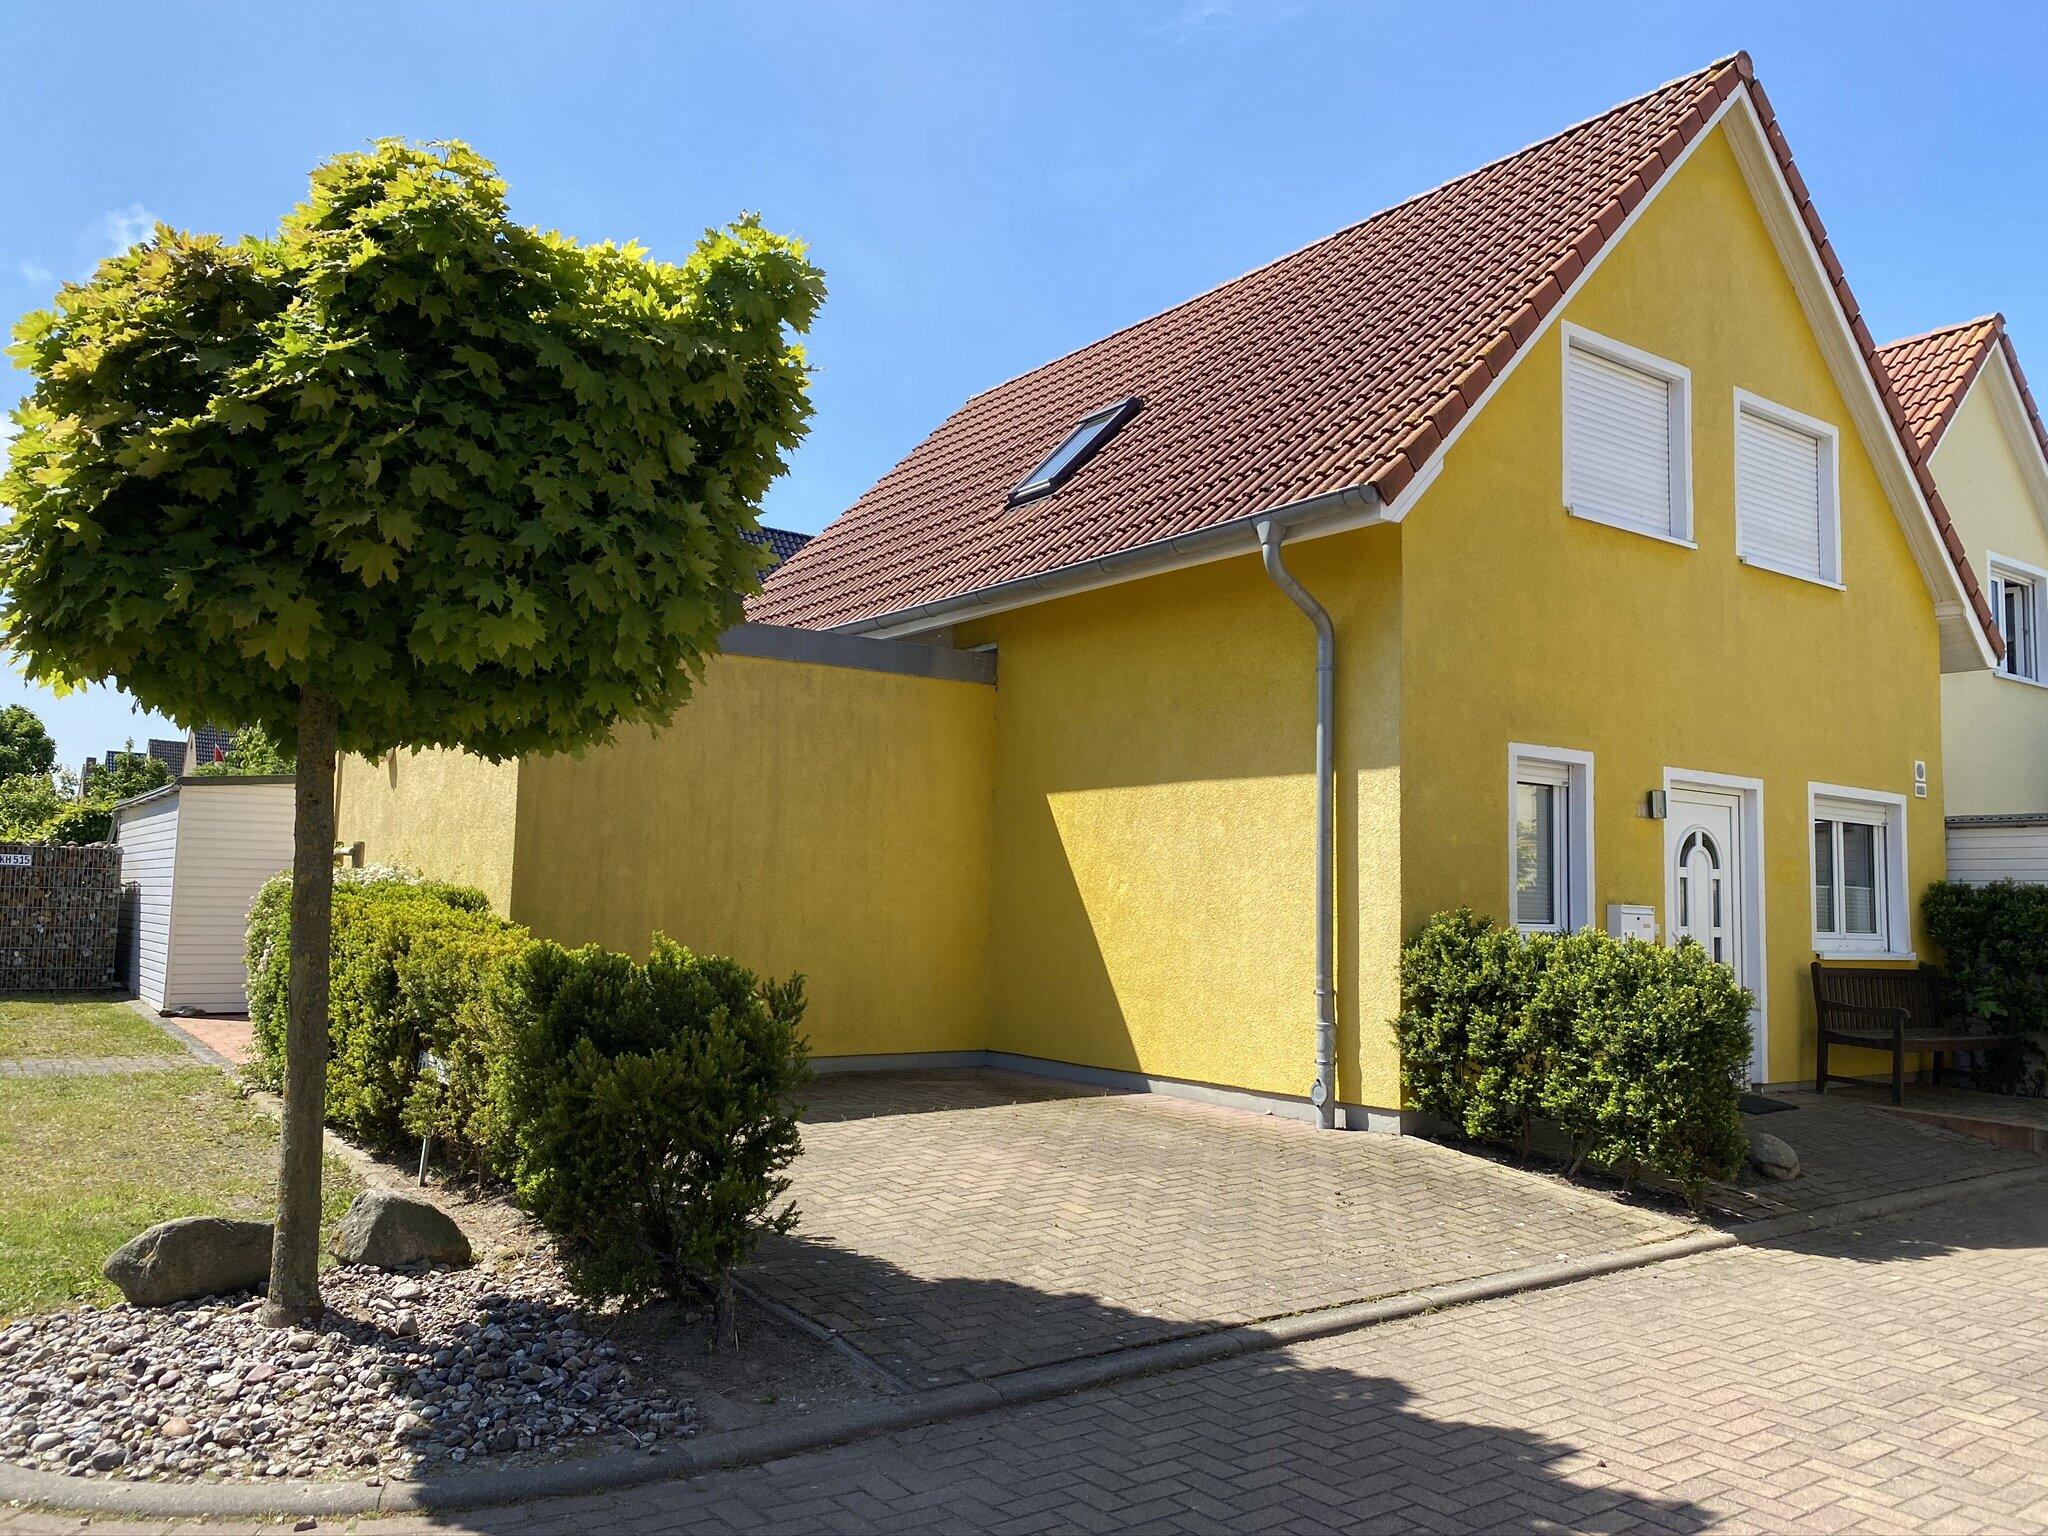 Detailbild von Ferienhaus 'Kiek in'